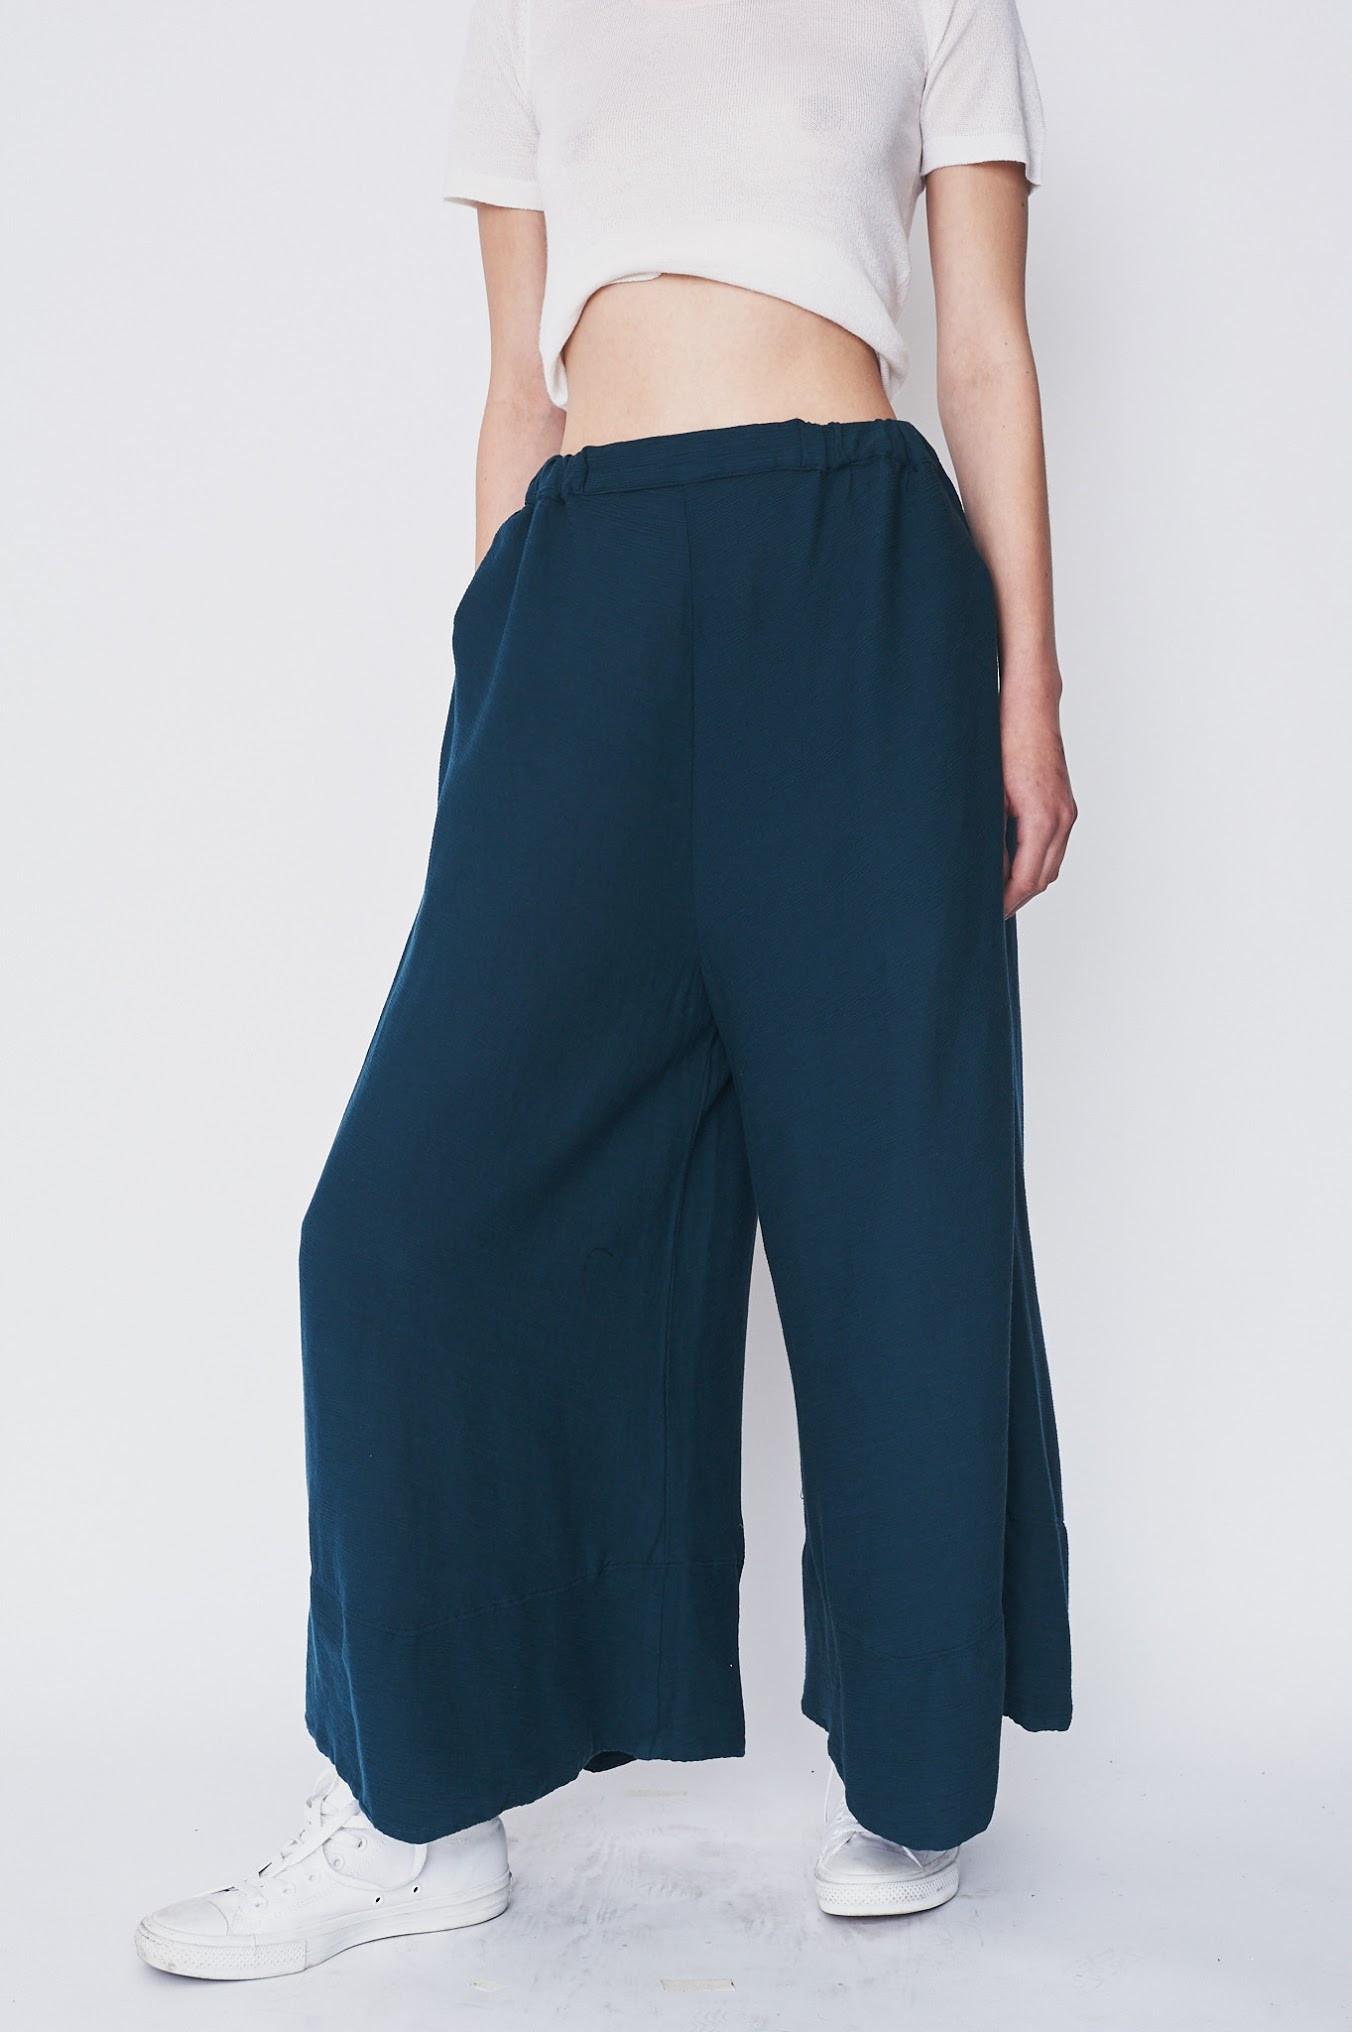 Black Crane Cotton Crinkle Pants Garmentory